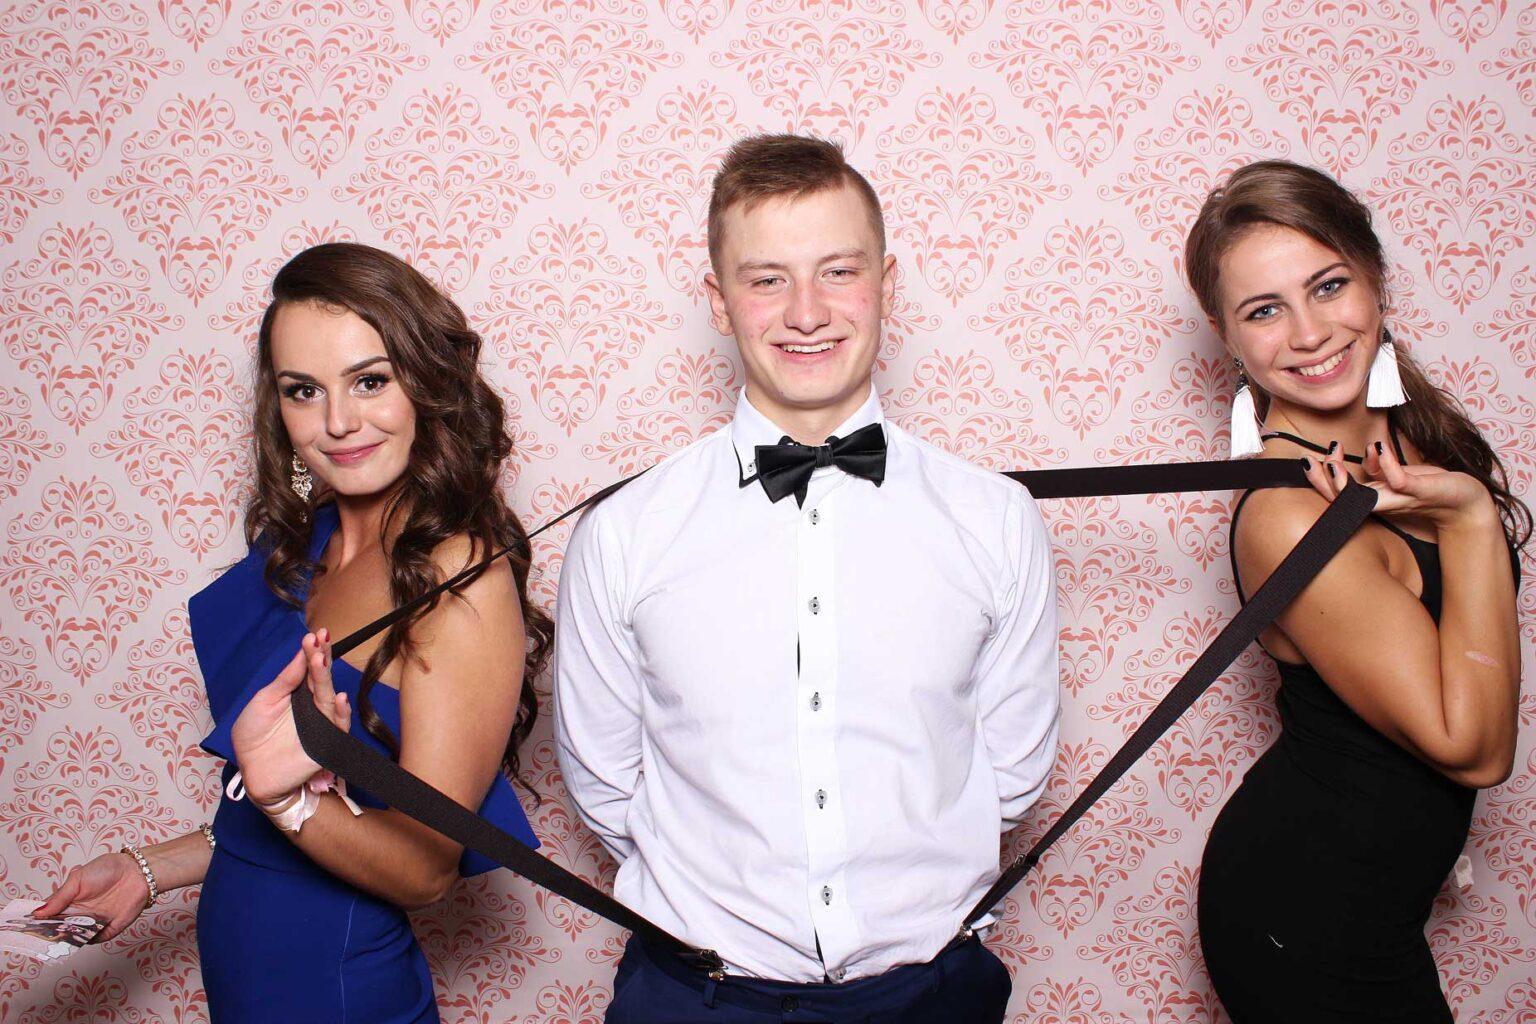 fotokutik na svadbu fotostena prenajom svadba FOTOKÚTIK.sk